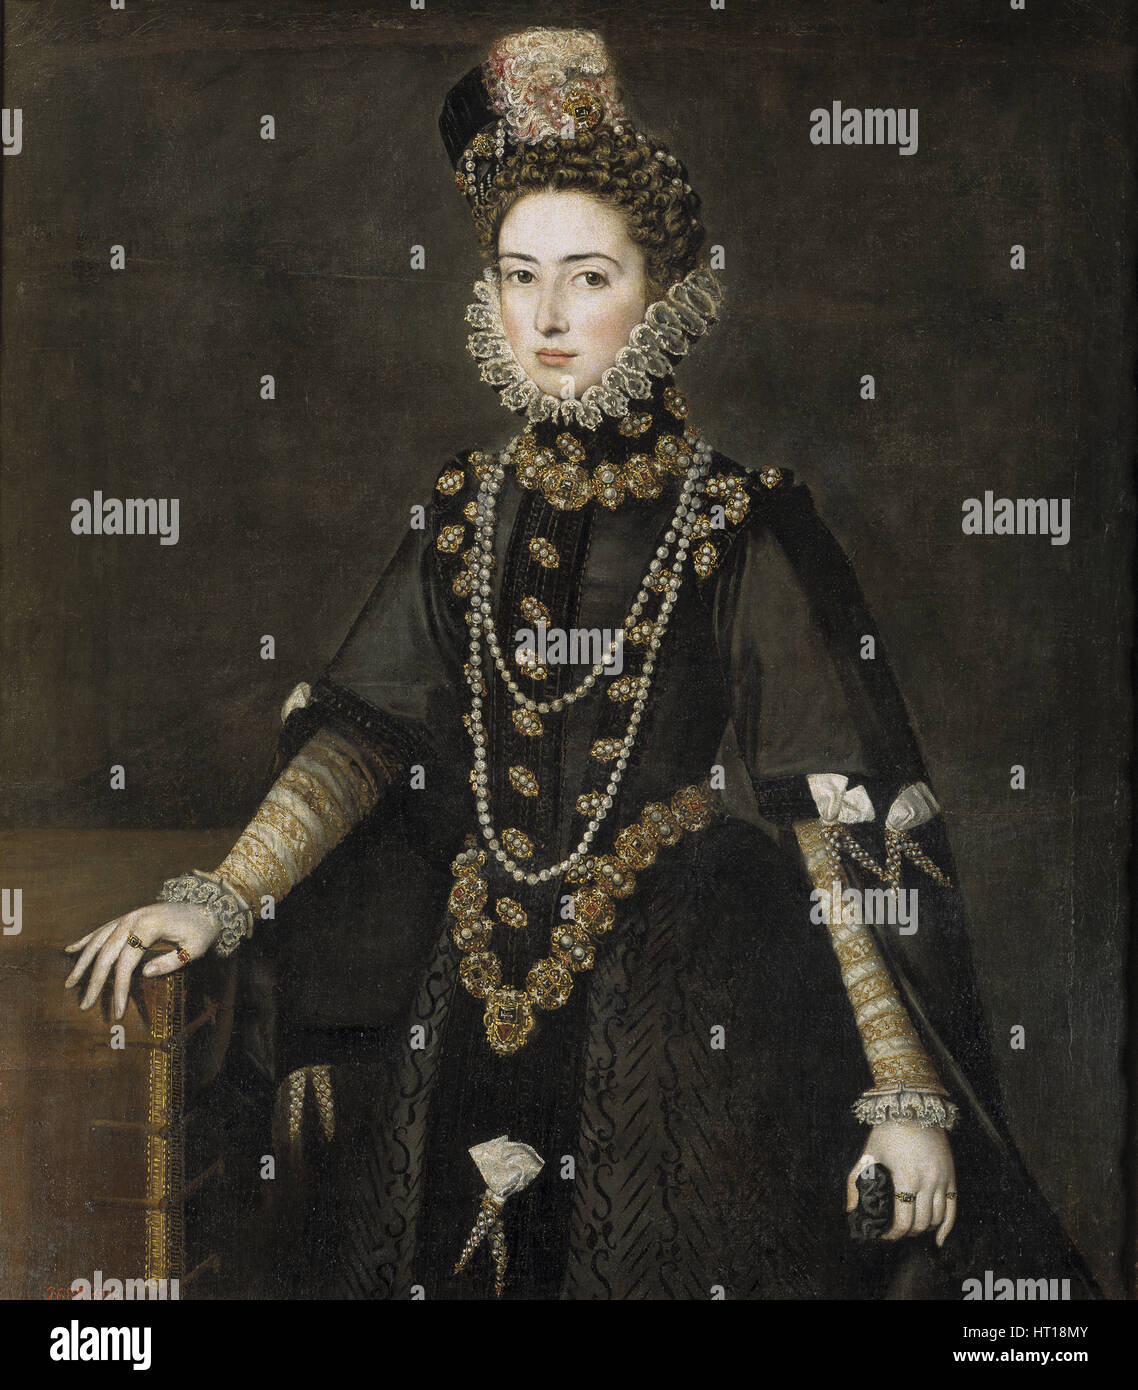 Portrait der Infantin Catherine Michelle von Spanien (1567-1597), 1584-1585. Künstler: Sánchez Coello, Stockbild